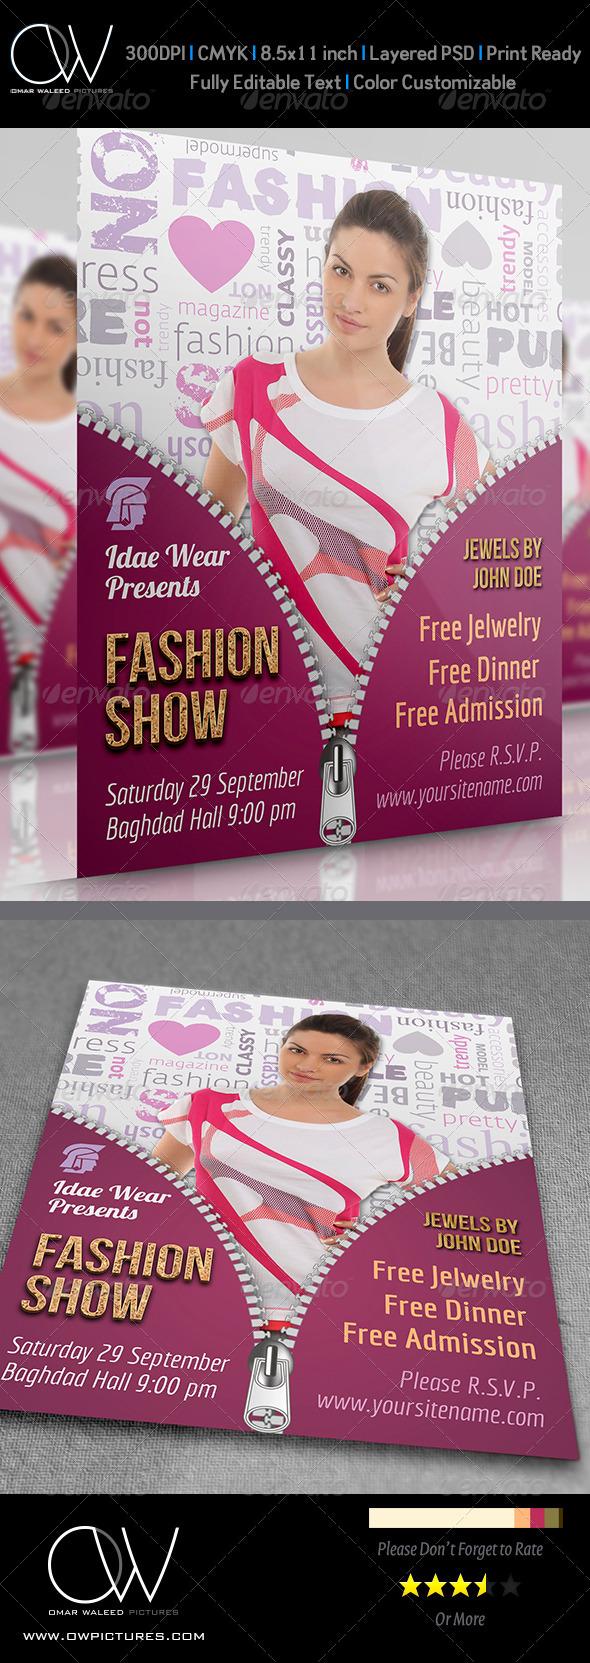 GraphicRiver Fashion Flyer 4491226